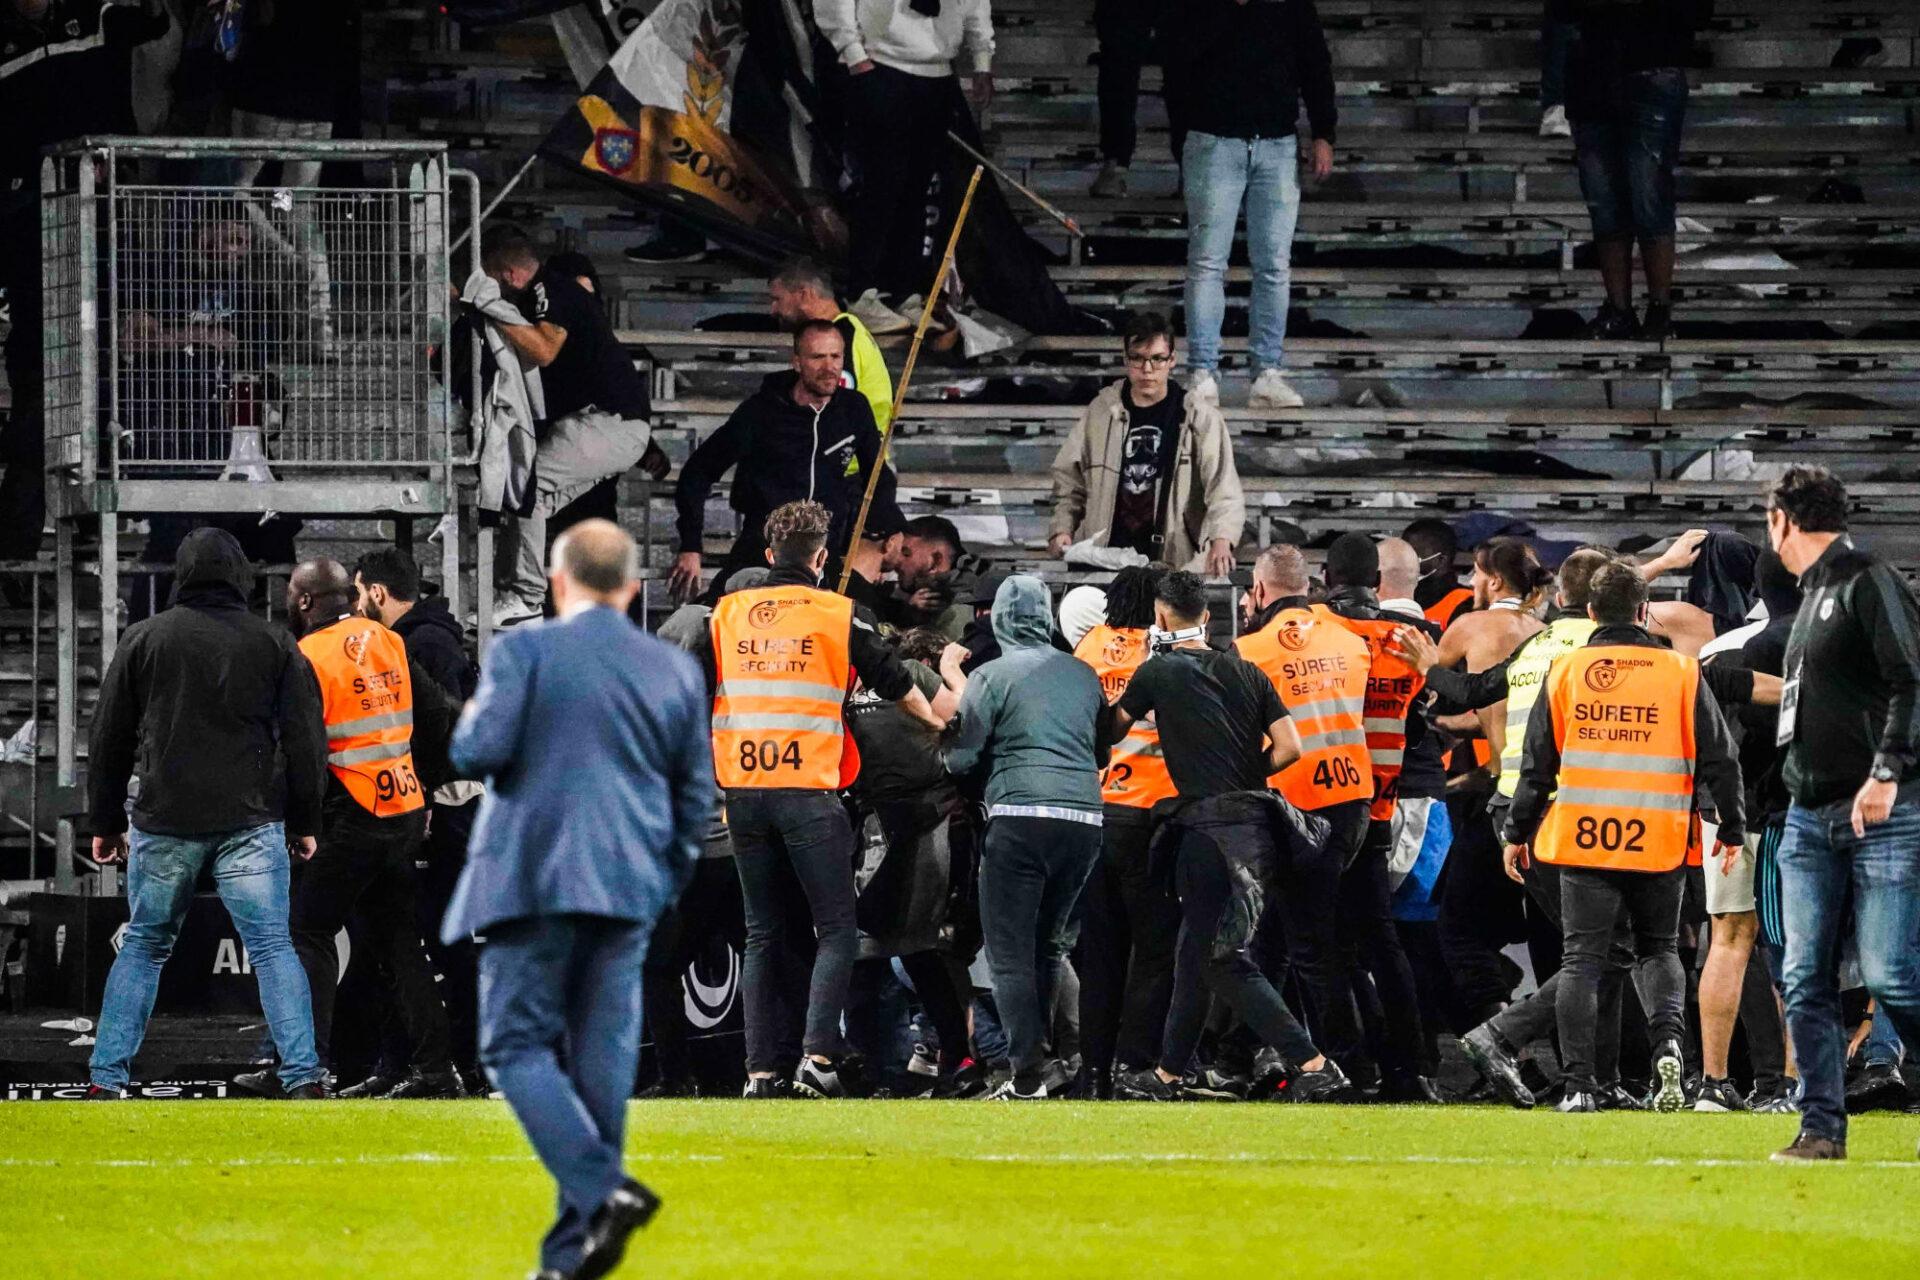 Des supporters de l'OM ont pénétré sur la pelouse du stade d'Angers pour en découdre avec des fans d'Angers qui leur avaient envoyé des projectiles dans les tribunes. Icon Sport